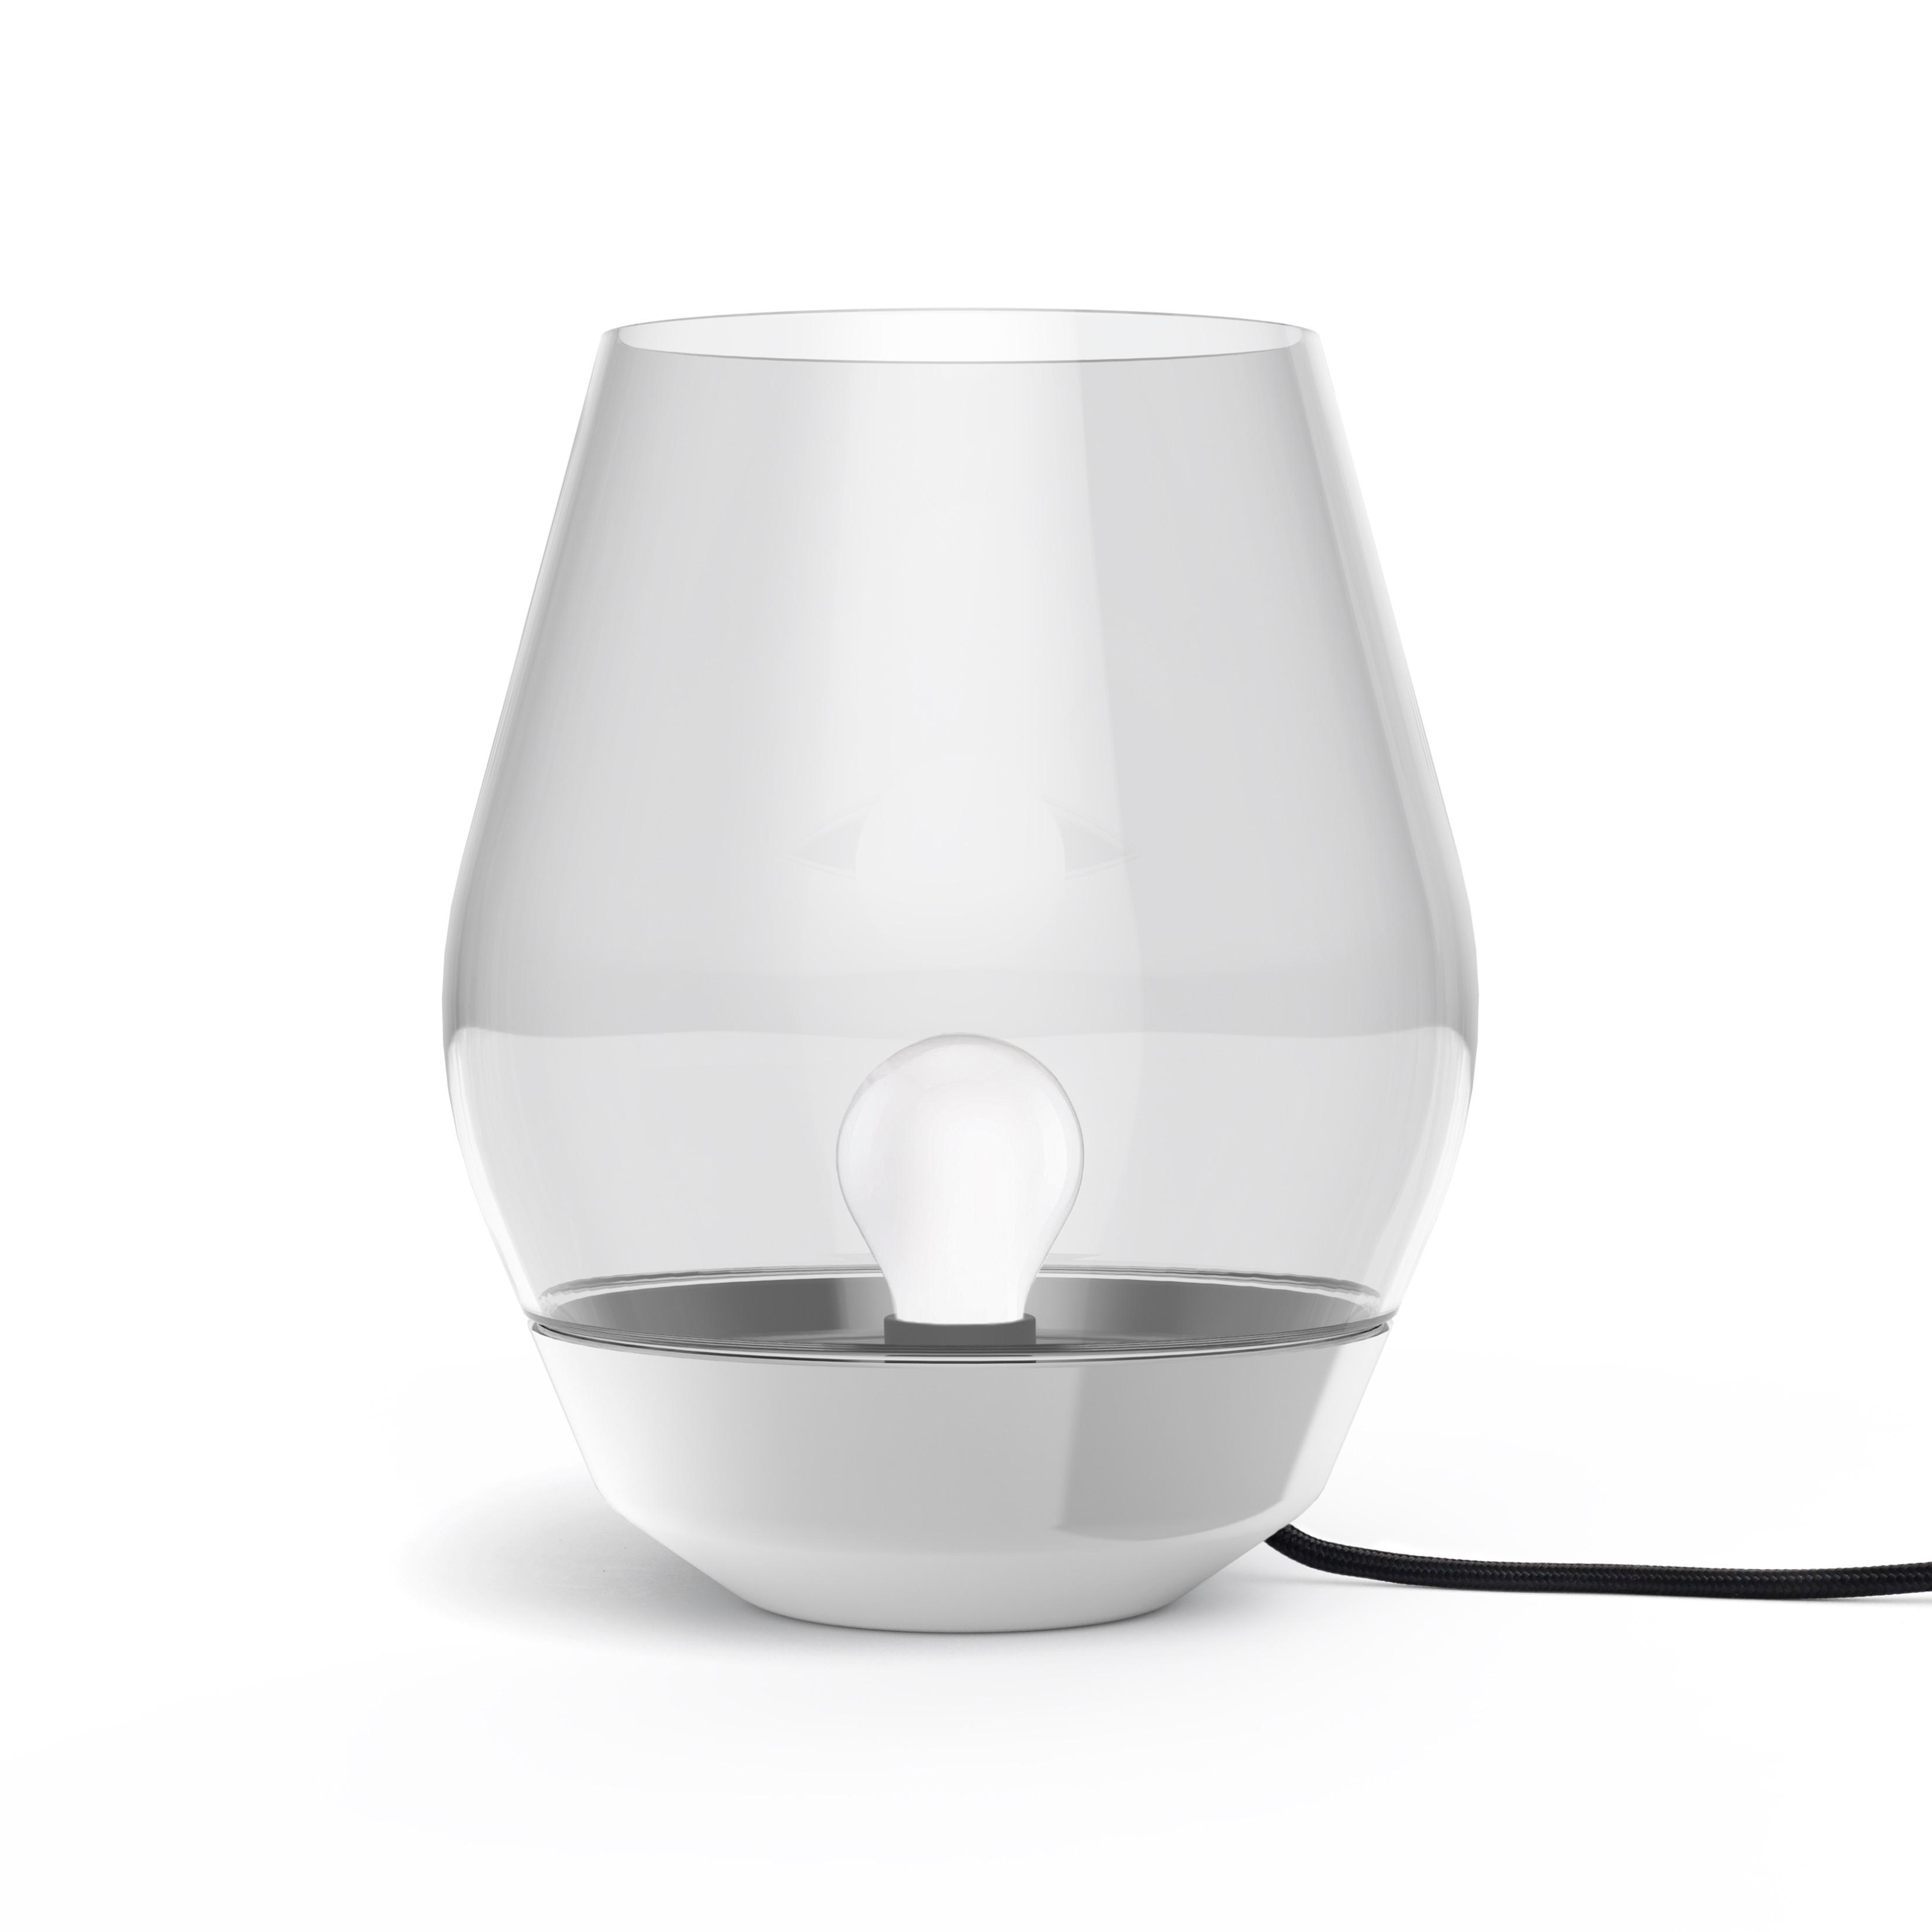 Bowl bordslampa rostfritt stål/ljust rökfärgat glas